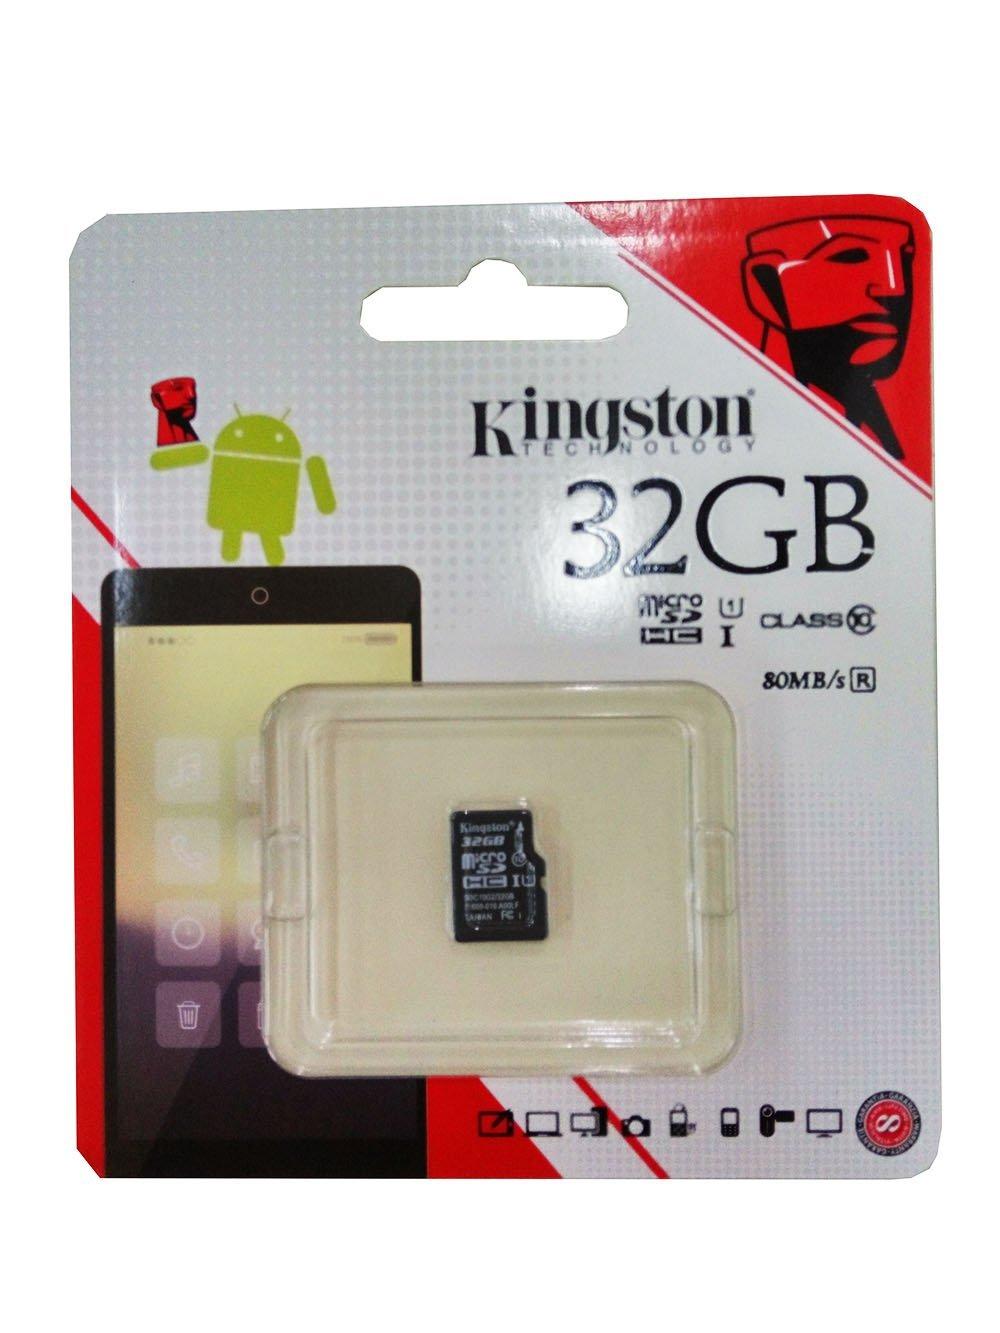 Kingston Kingston đọc tốc độ Class10 32G TF (micro SD) tốc độ lưu trữ thẻ 80MB/s